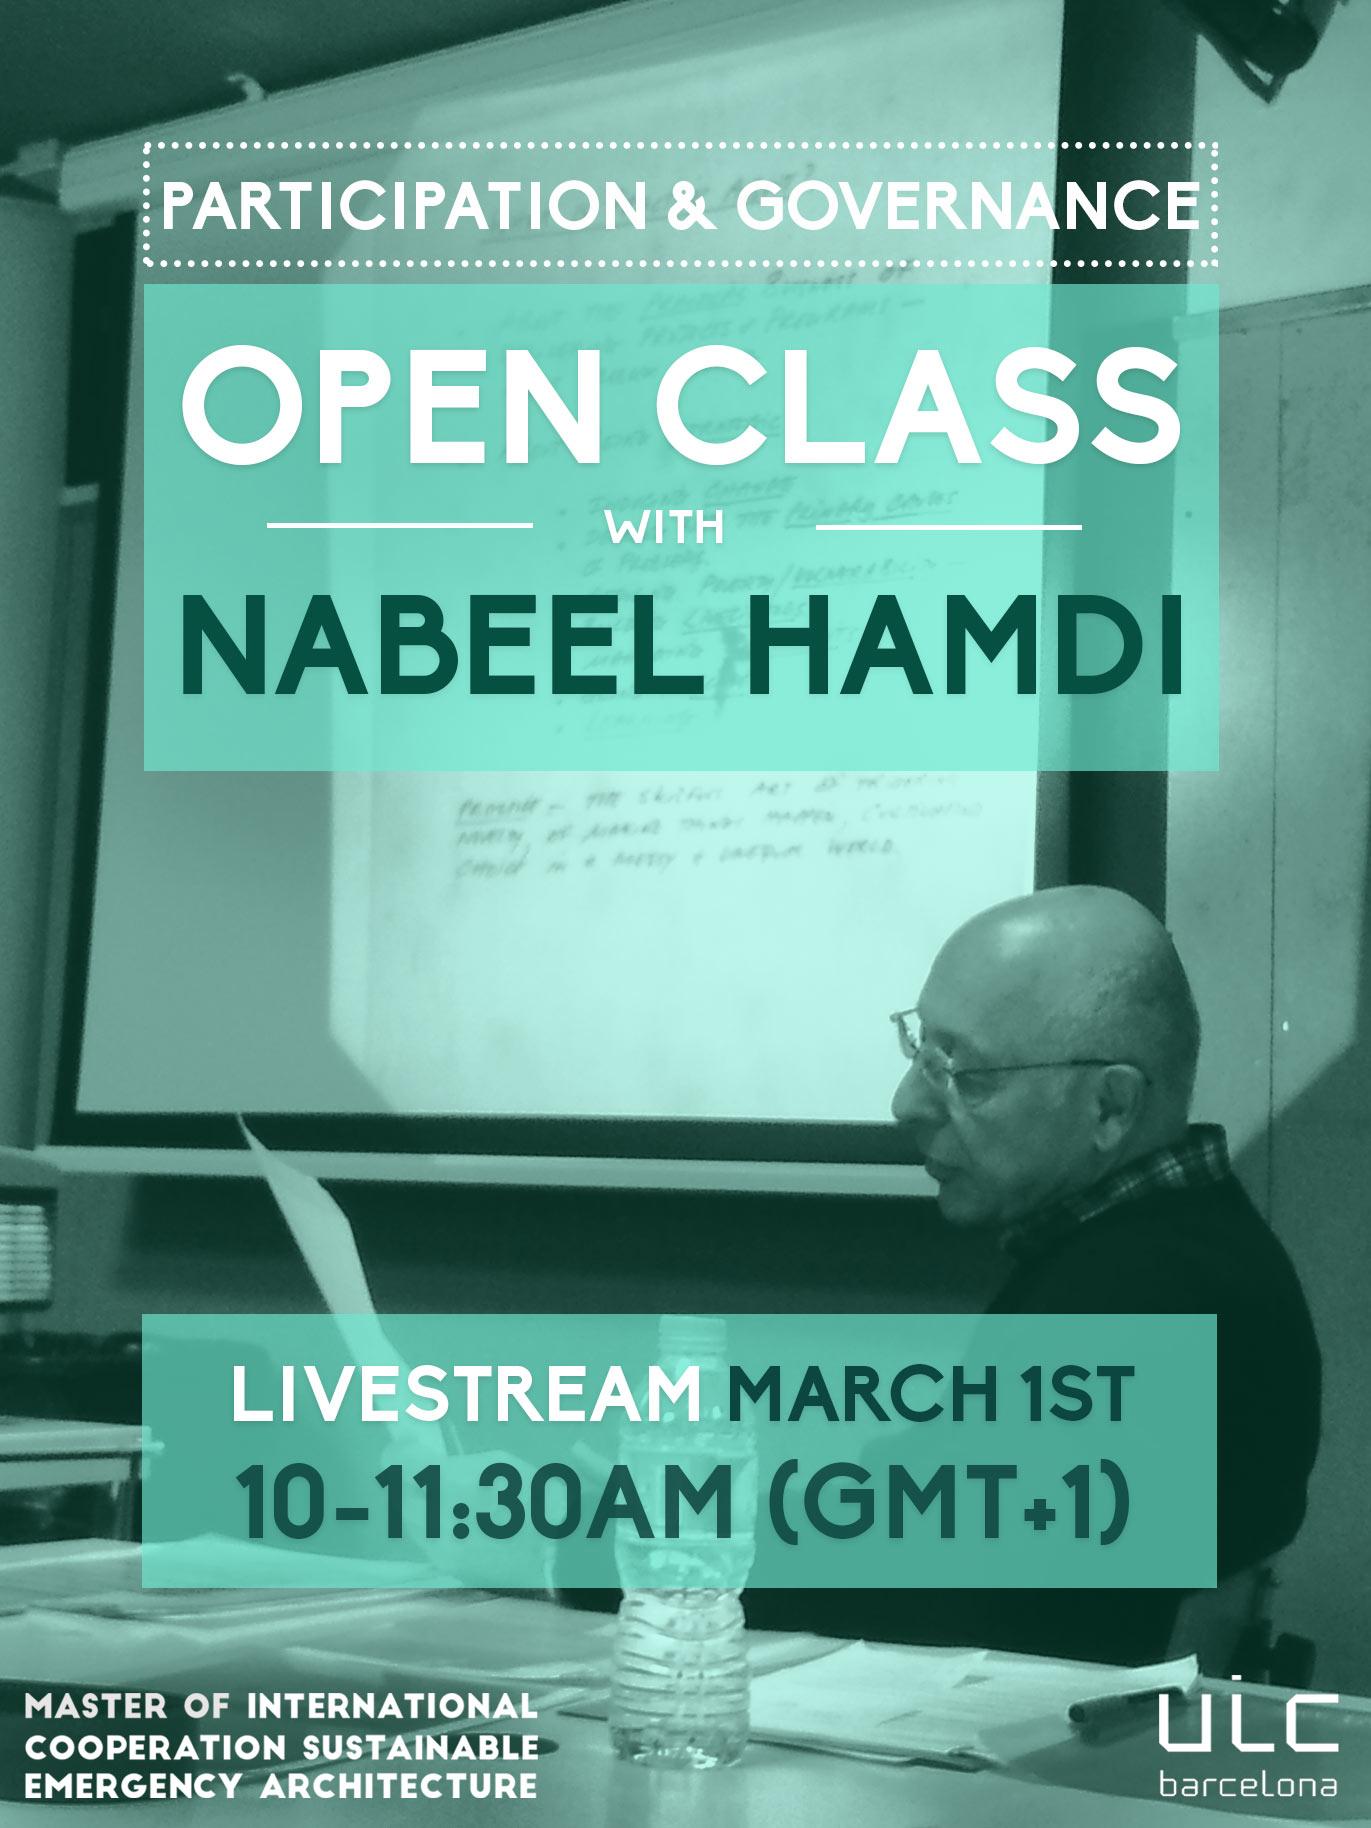 OPEN_CLASS_Nabeel_Hamdi_poster